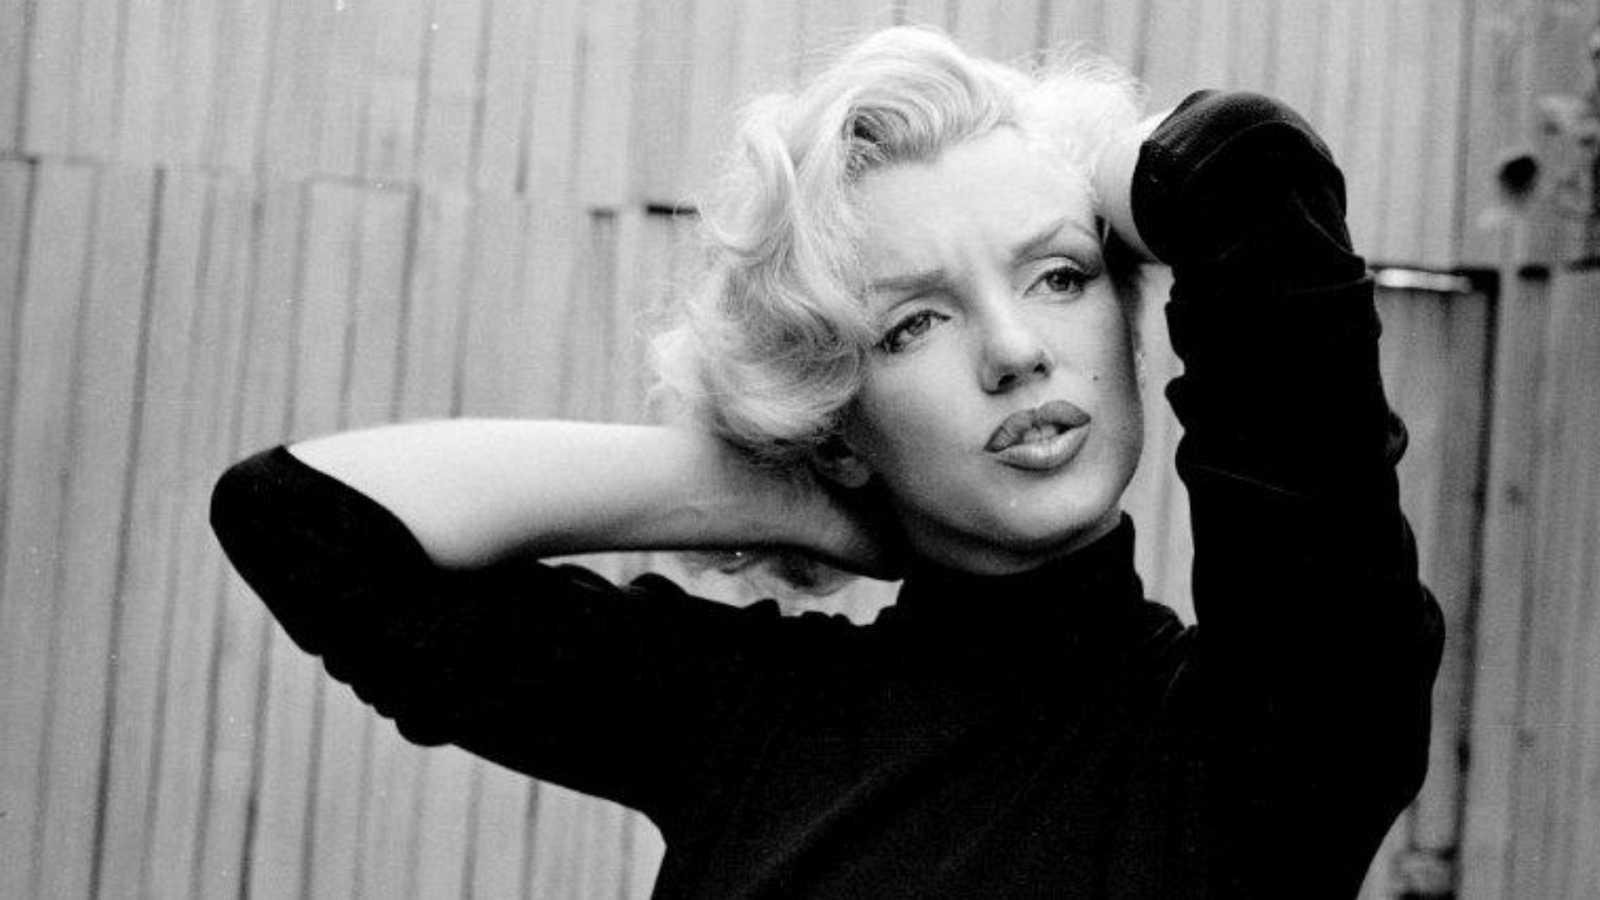 Todos somos sospechosos - Marilyn empoderada - 22/12/20 - escuchar ahora